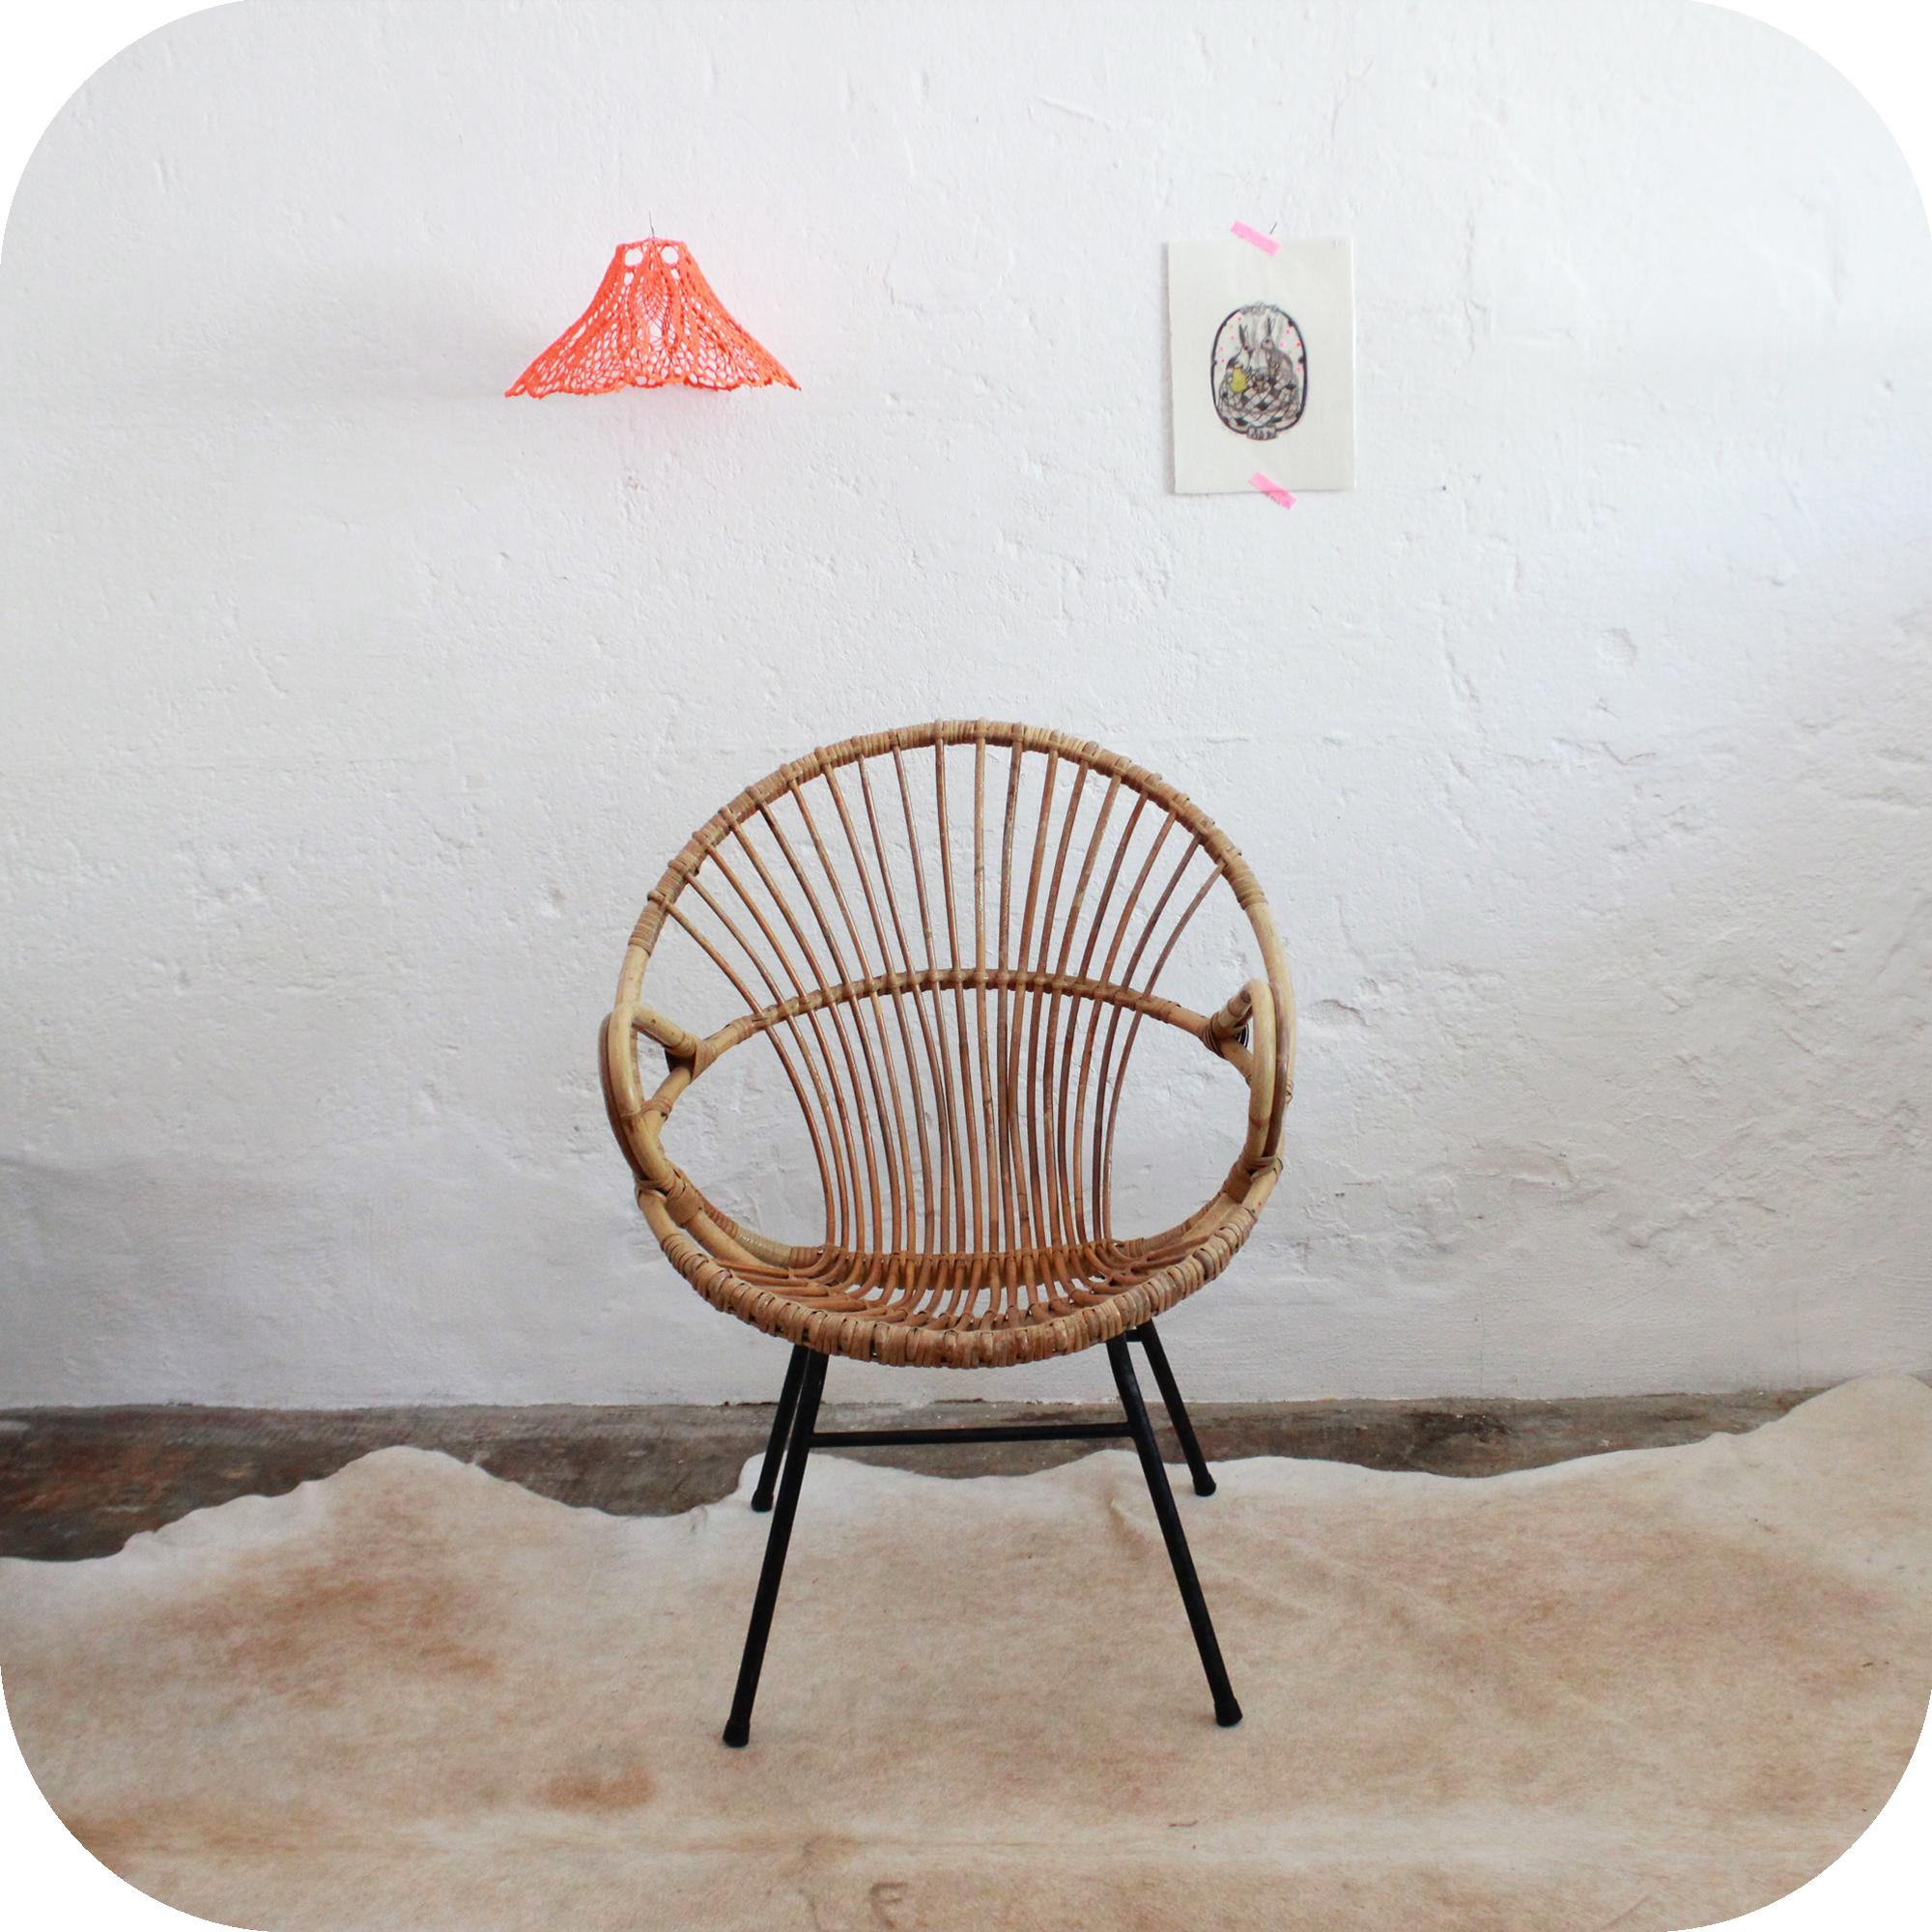 Mobilier vintage fauteuil rotin vintage ann es 50 ann es 60 atelier du pe - Petit fauteuil vintage ...